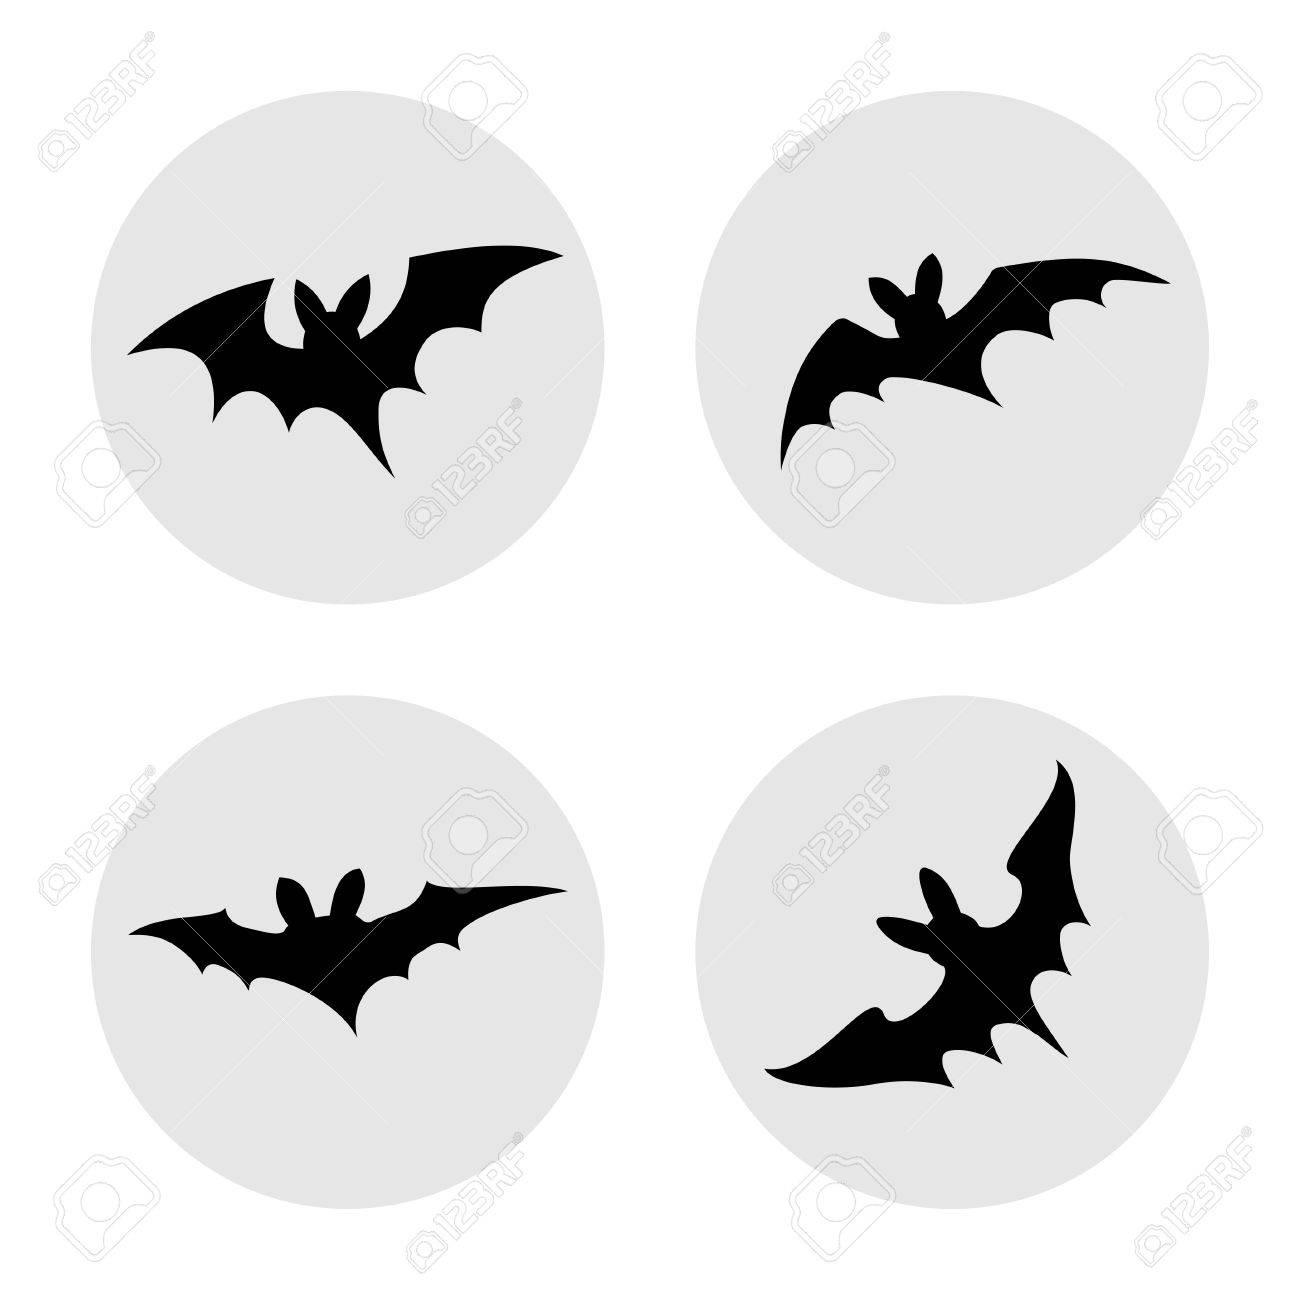 簡単なハロウィンのコウモリ Iconsobjects のベクトル イラストの